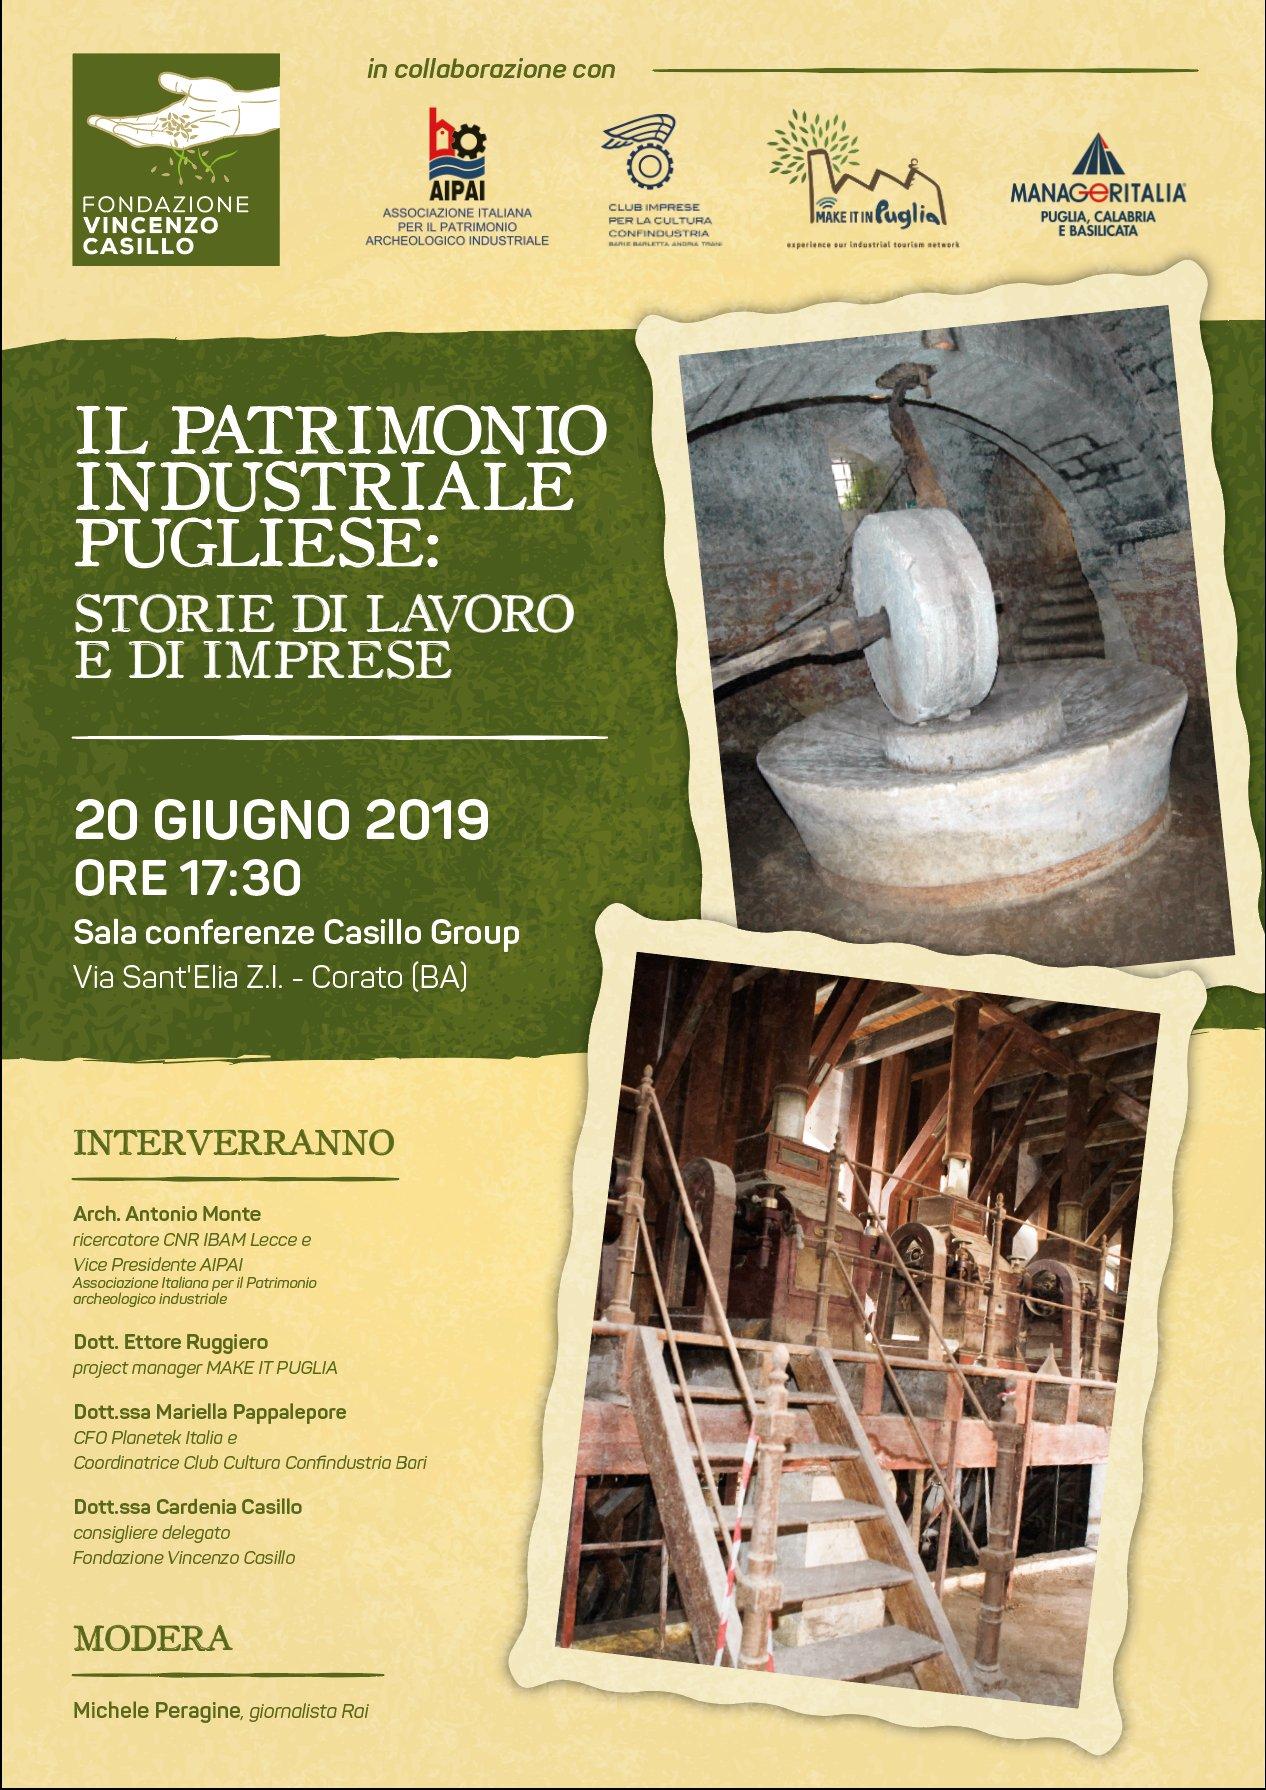 Corato,un convegno sul patrimonio industriale pugliese